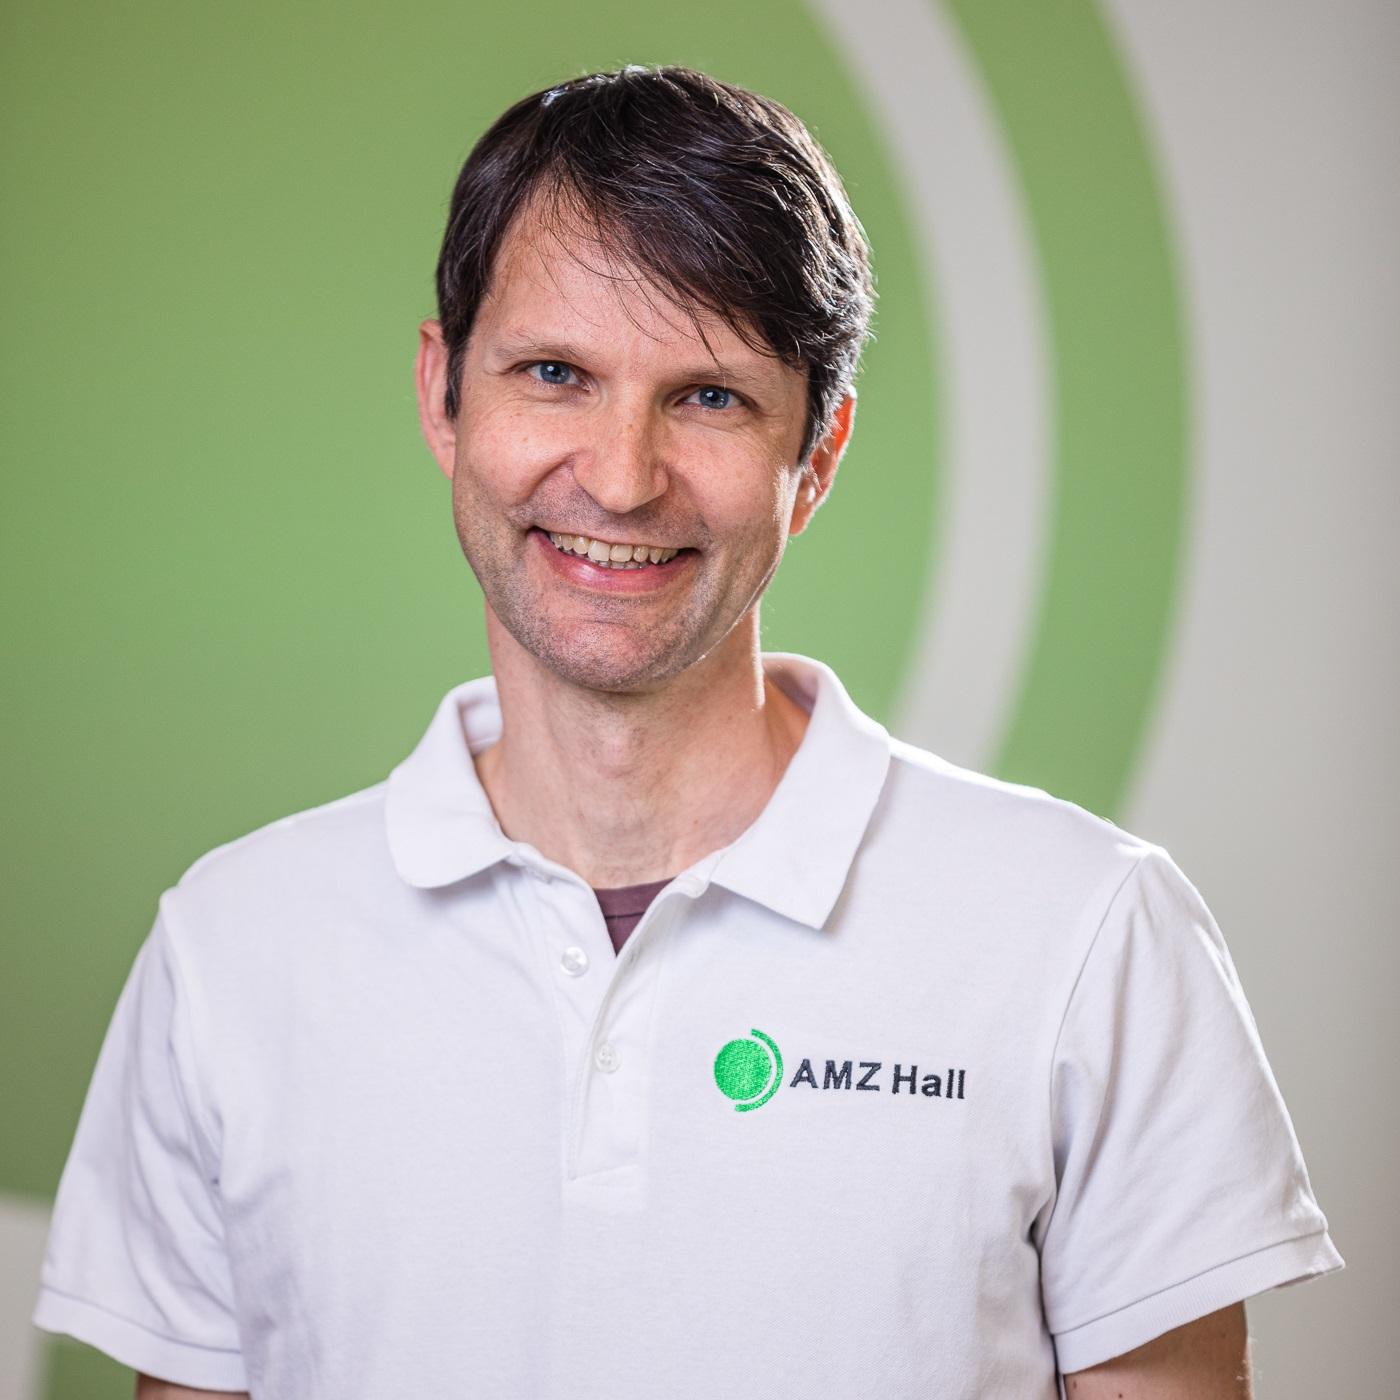 Dr. Peter Tappeiner